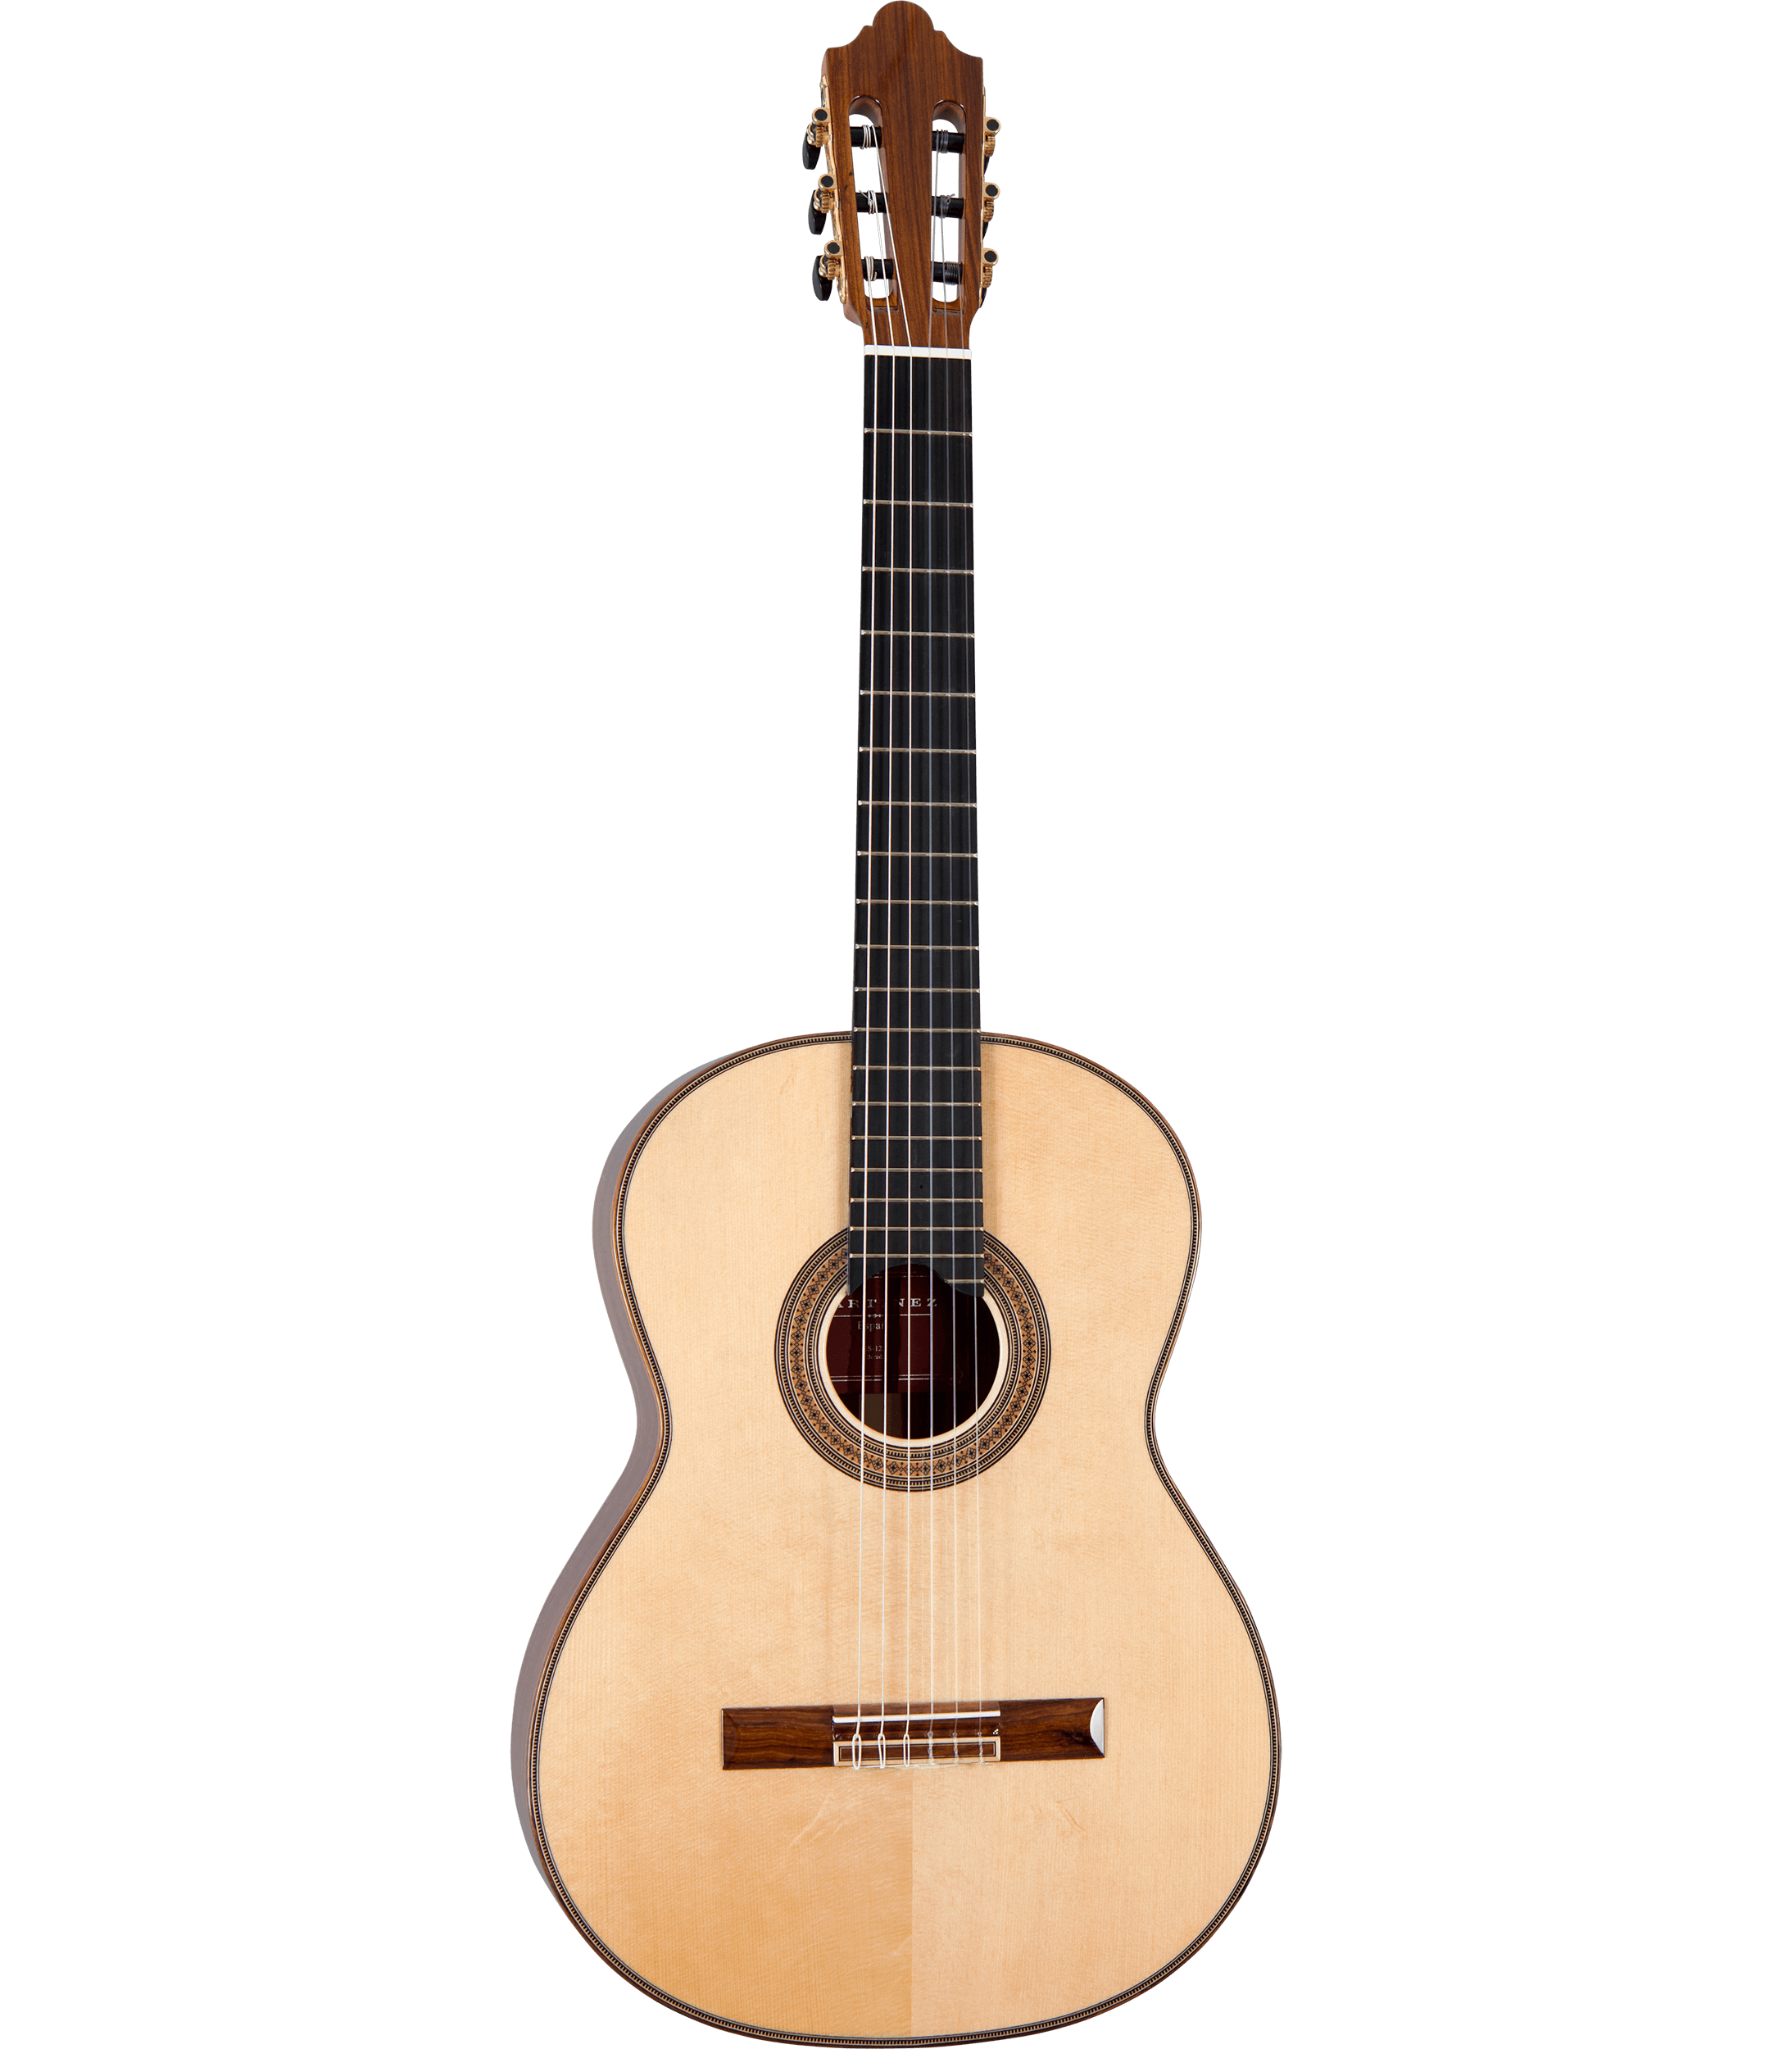 Martinez ES-12S